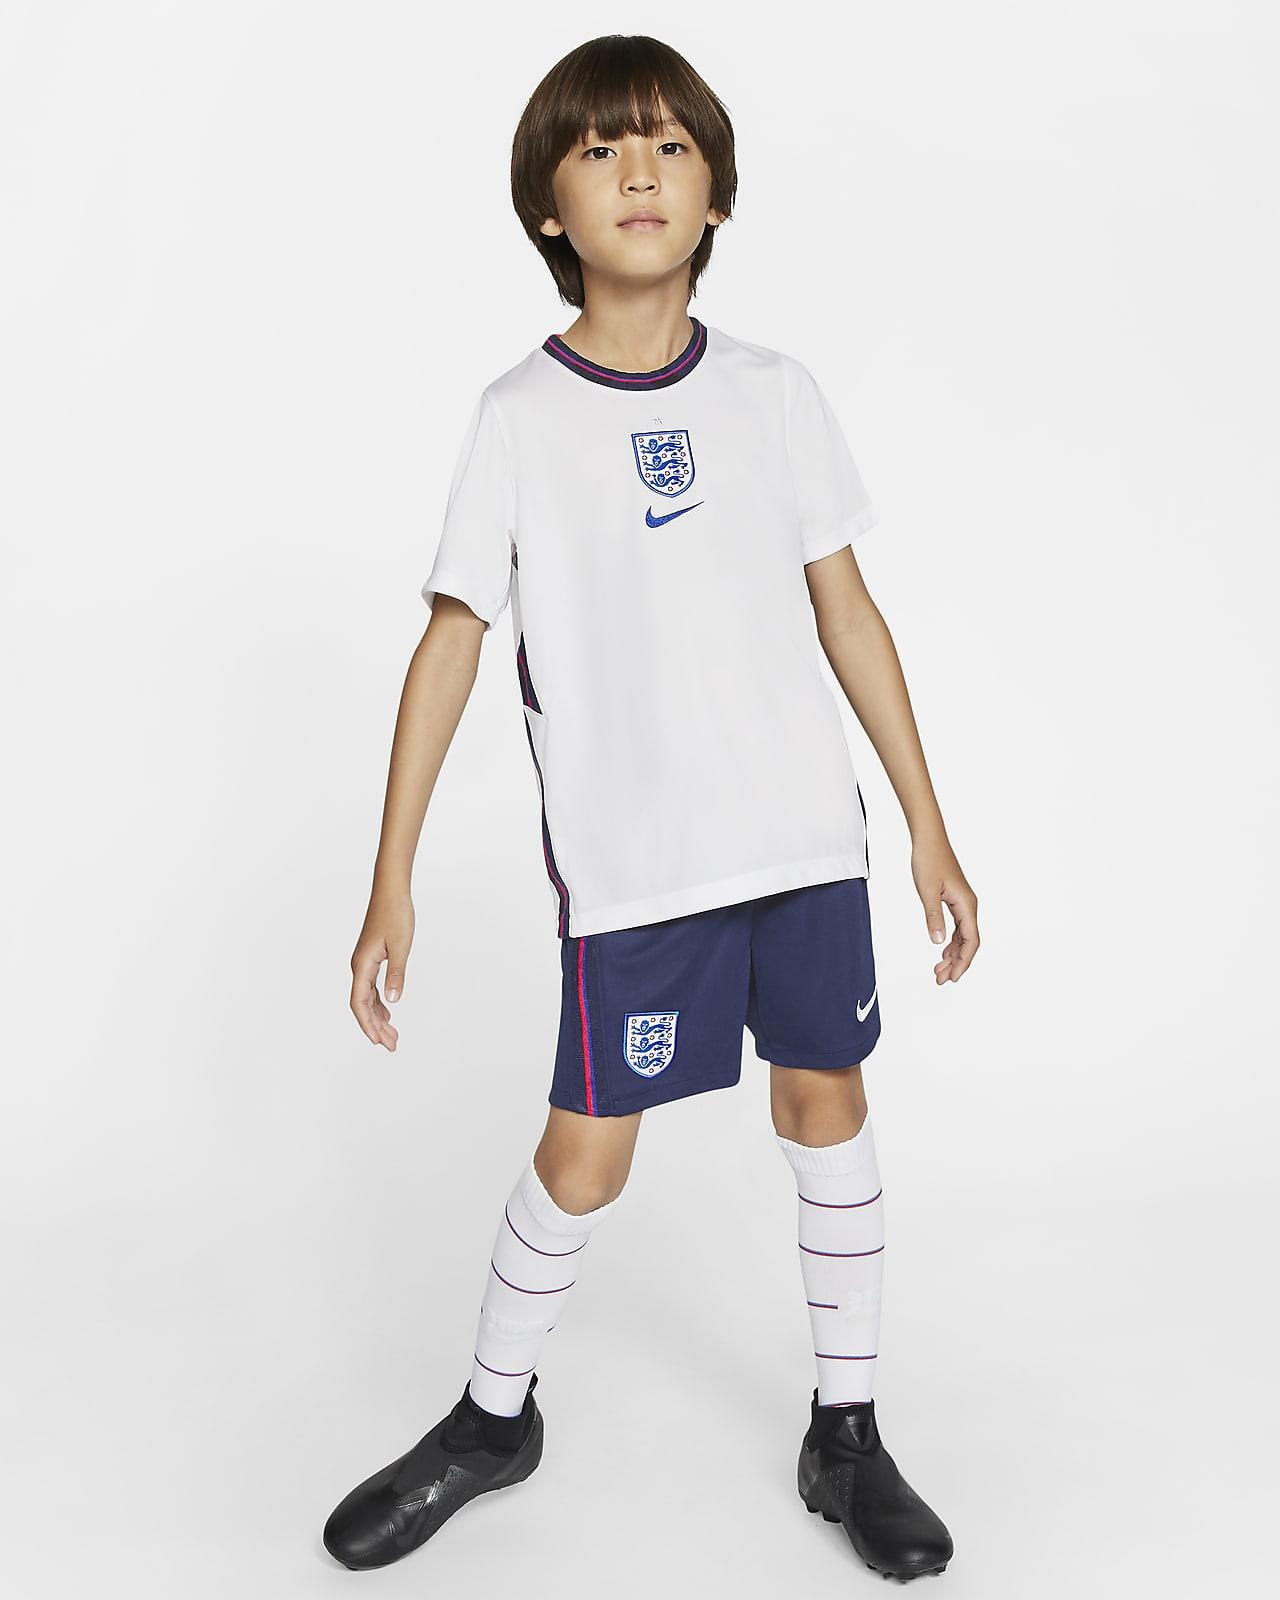 Kit de fútbol de local para niños talla pequeña England 2020